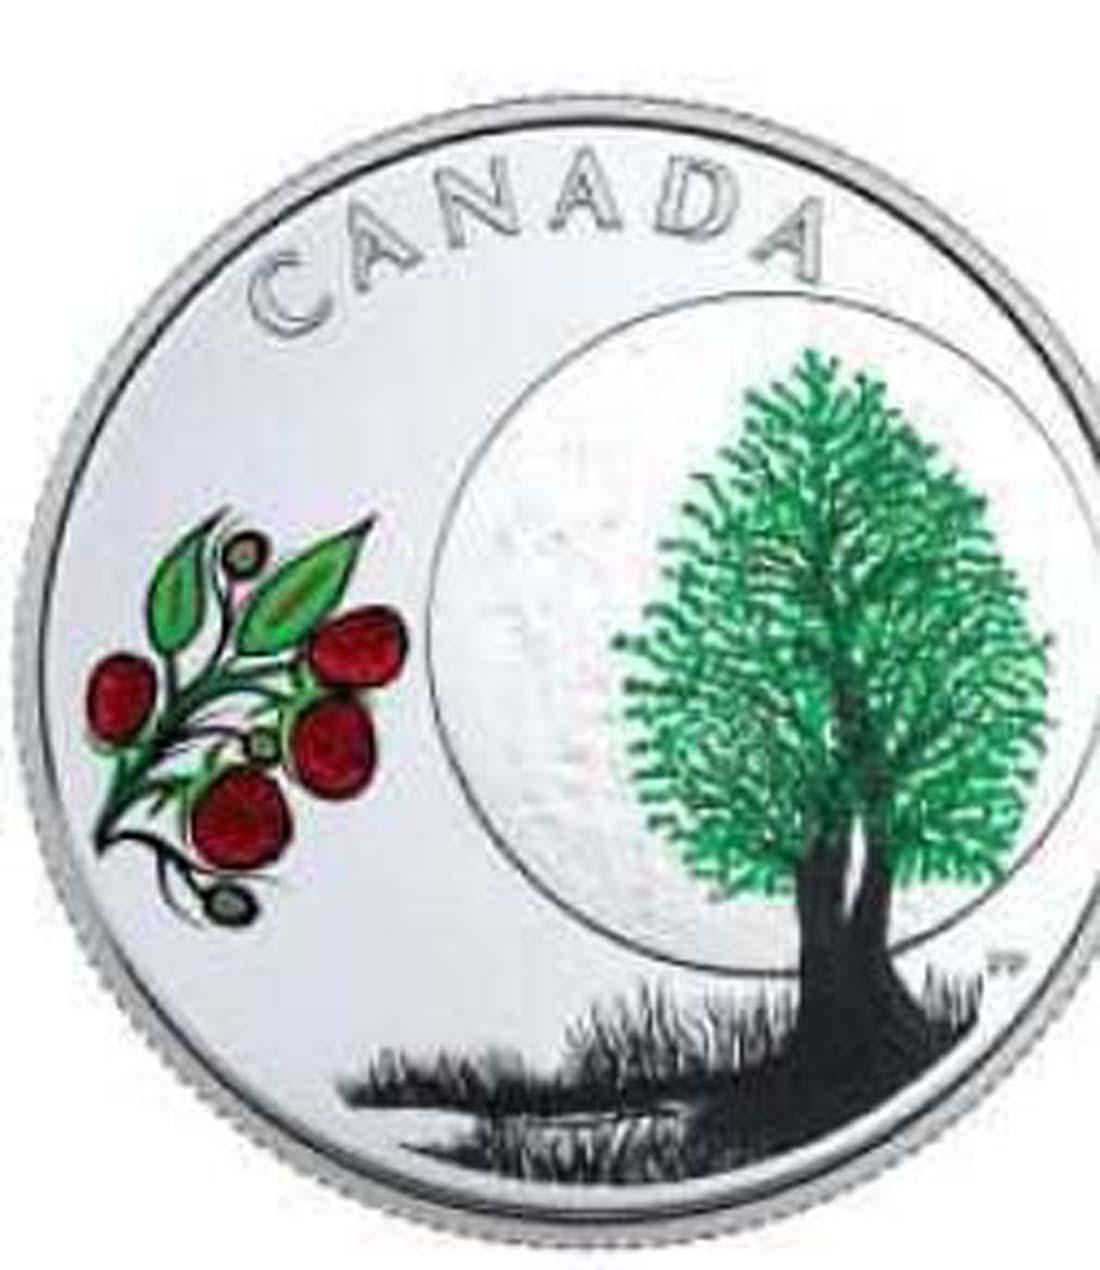 Lieferumfang:Kanada : 3 Dollar Raspberry Moon - Die 13 Lehren von Grandm. Moon  2018 PP